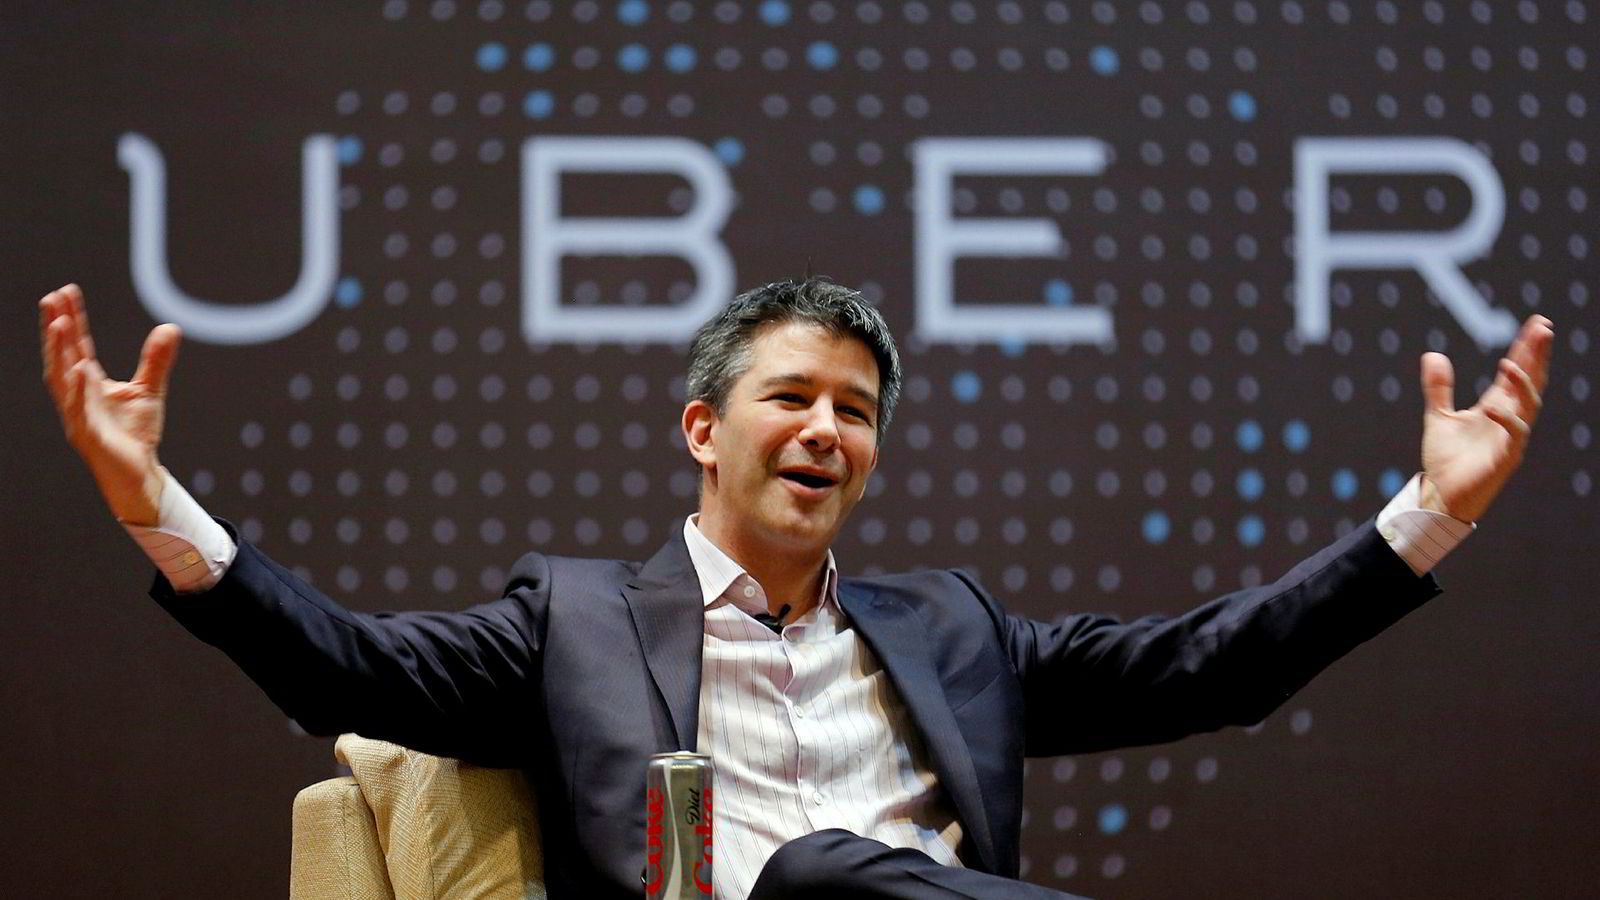 Travis Kalanick grunnla Uber i 2009 og var administrerende direktør frem til 2017. Når Uber snart går på børs og må offentliggjøre et omfattende prospekt, vil investorene trolig lese grundig igjennom hvordan selskapet ble drevet både under Kalanicks hånd og under ledelse av nåværende sjef Dara Khosrowshahi.